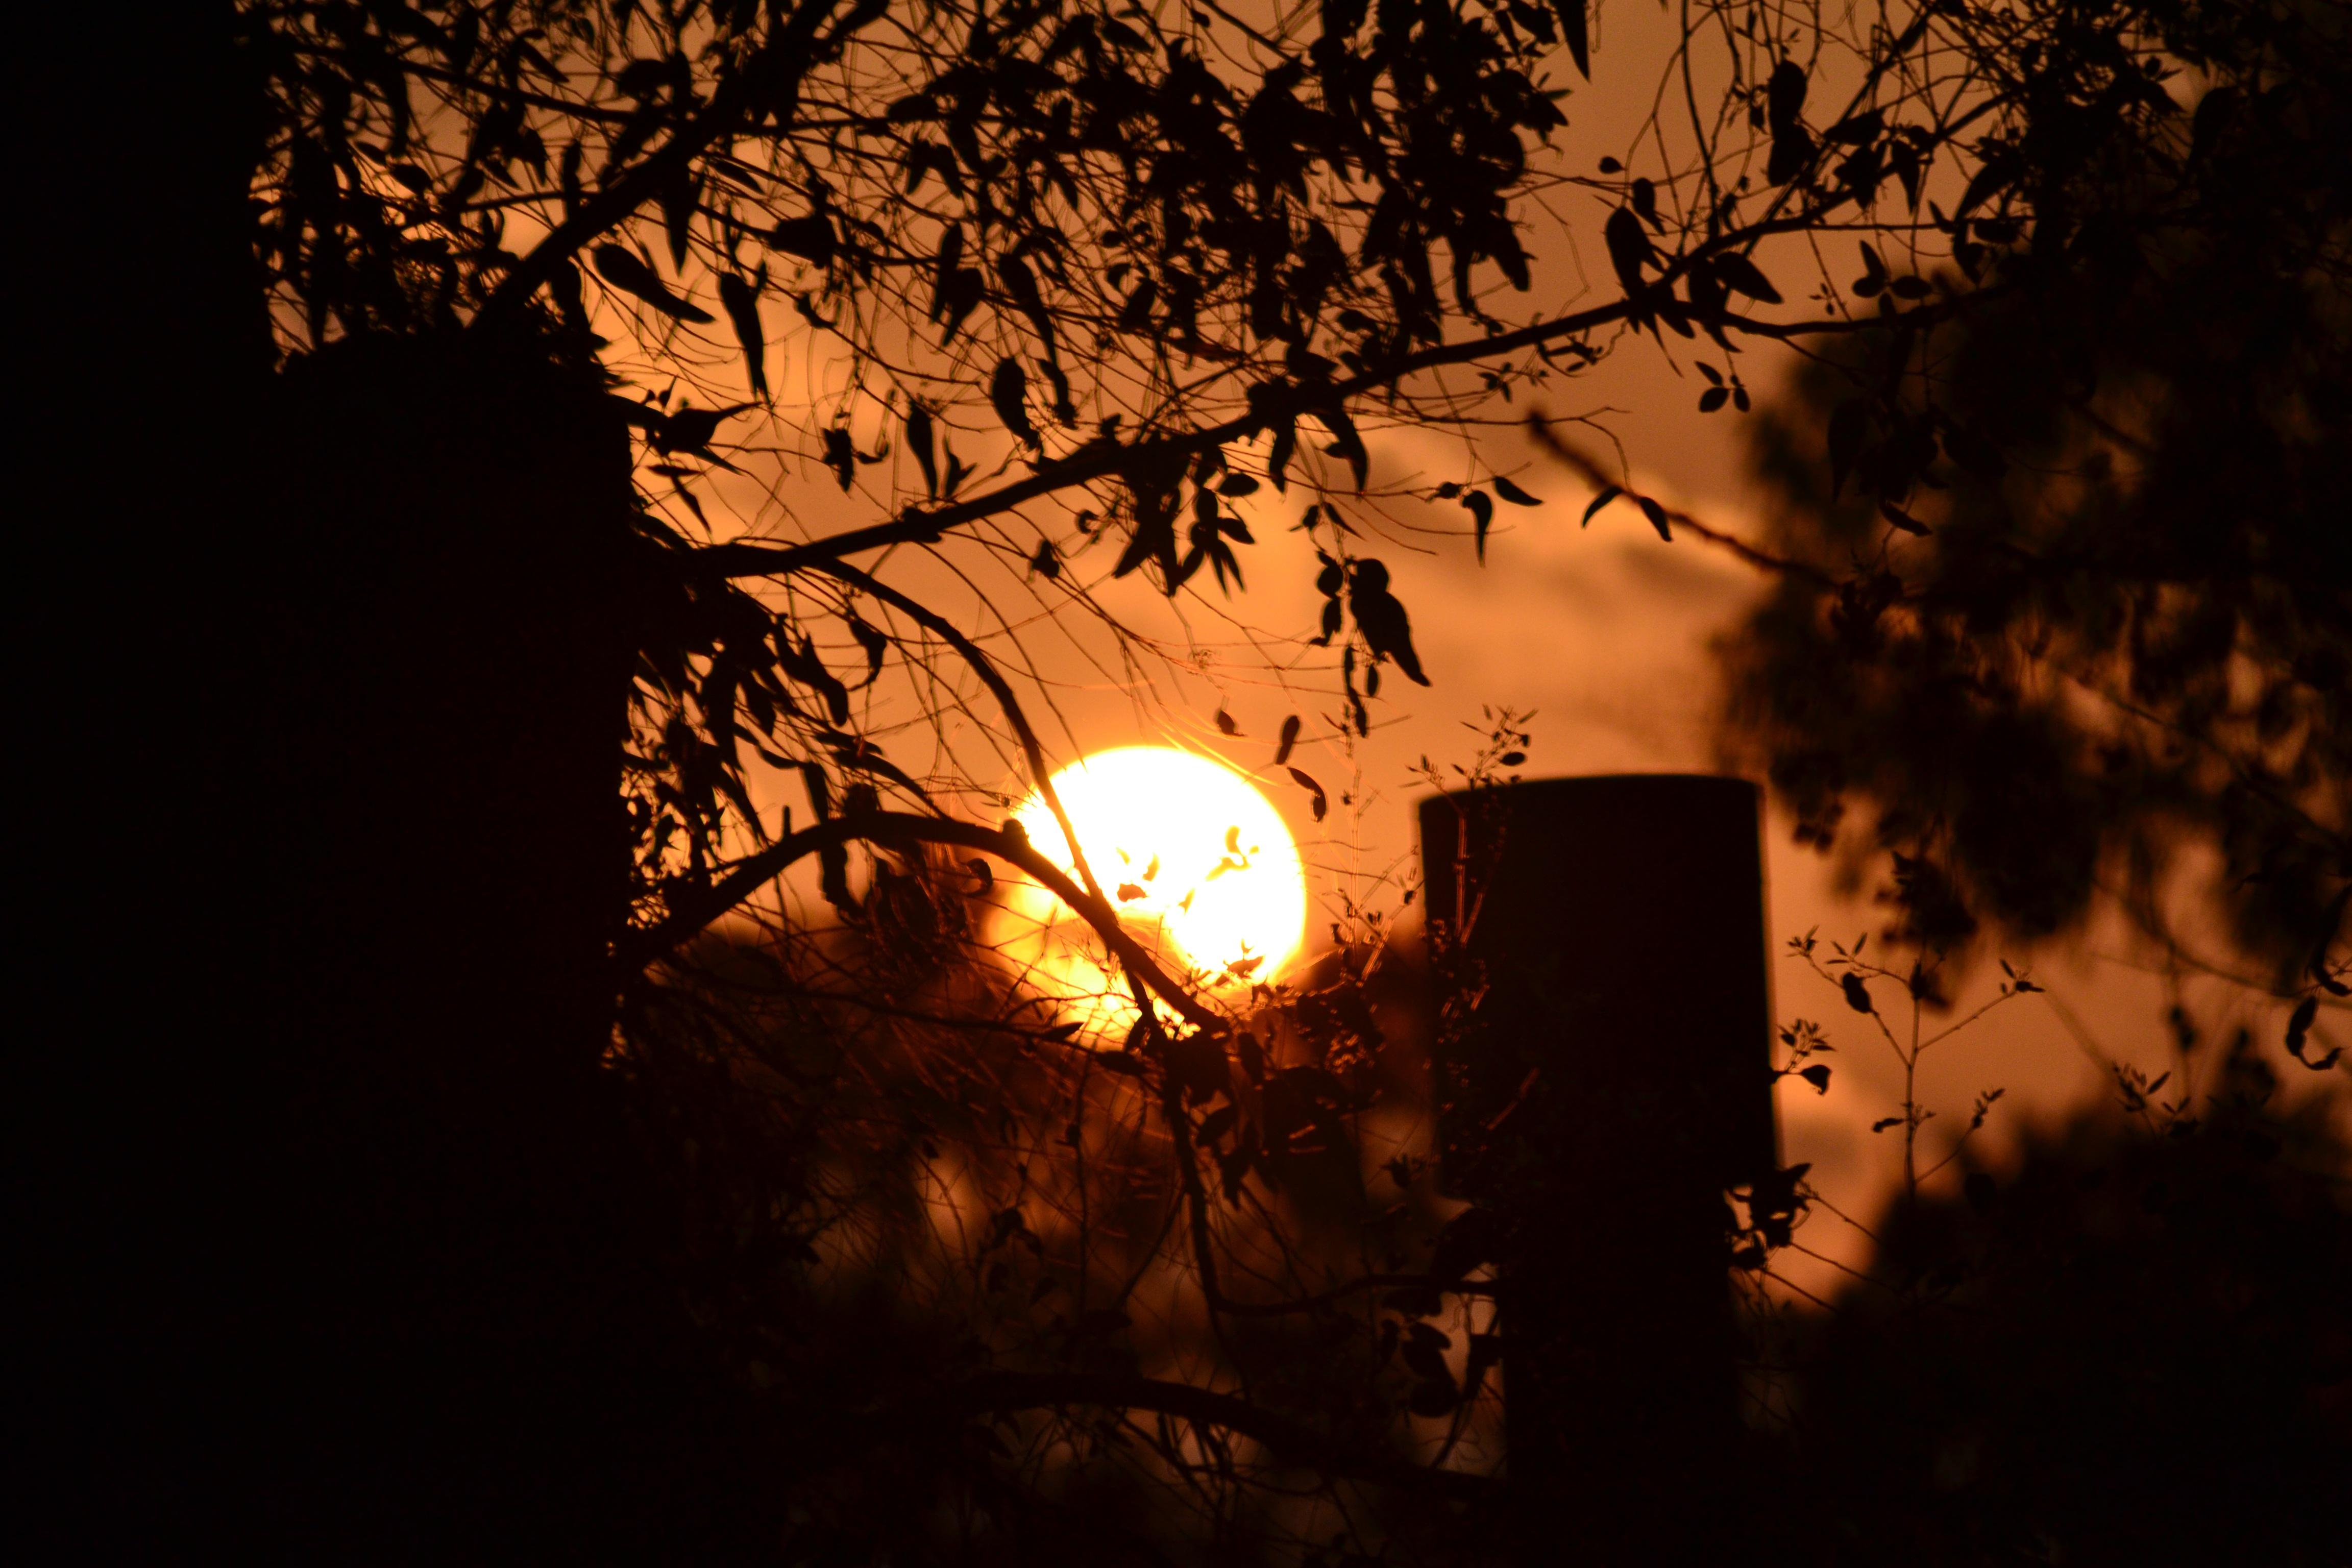 Gratis Afbeeldingen : boom, tak, licht, zonsondergang, nacht ...